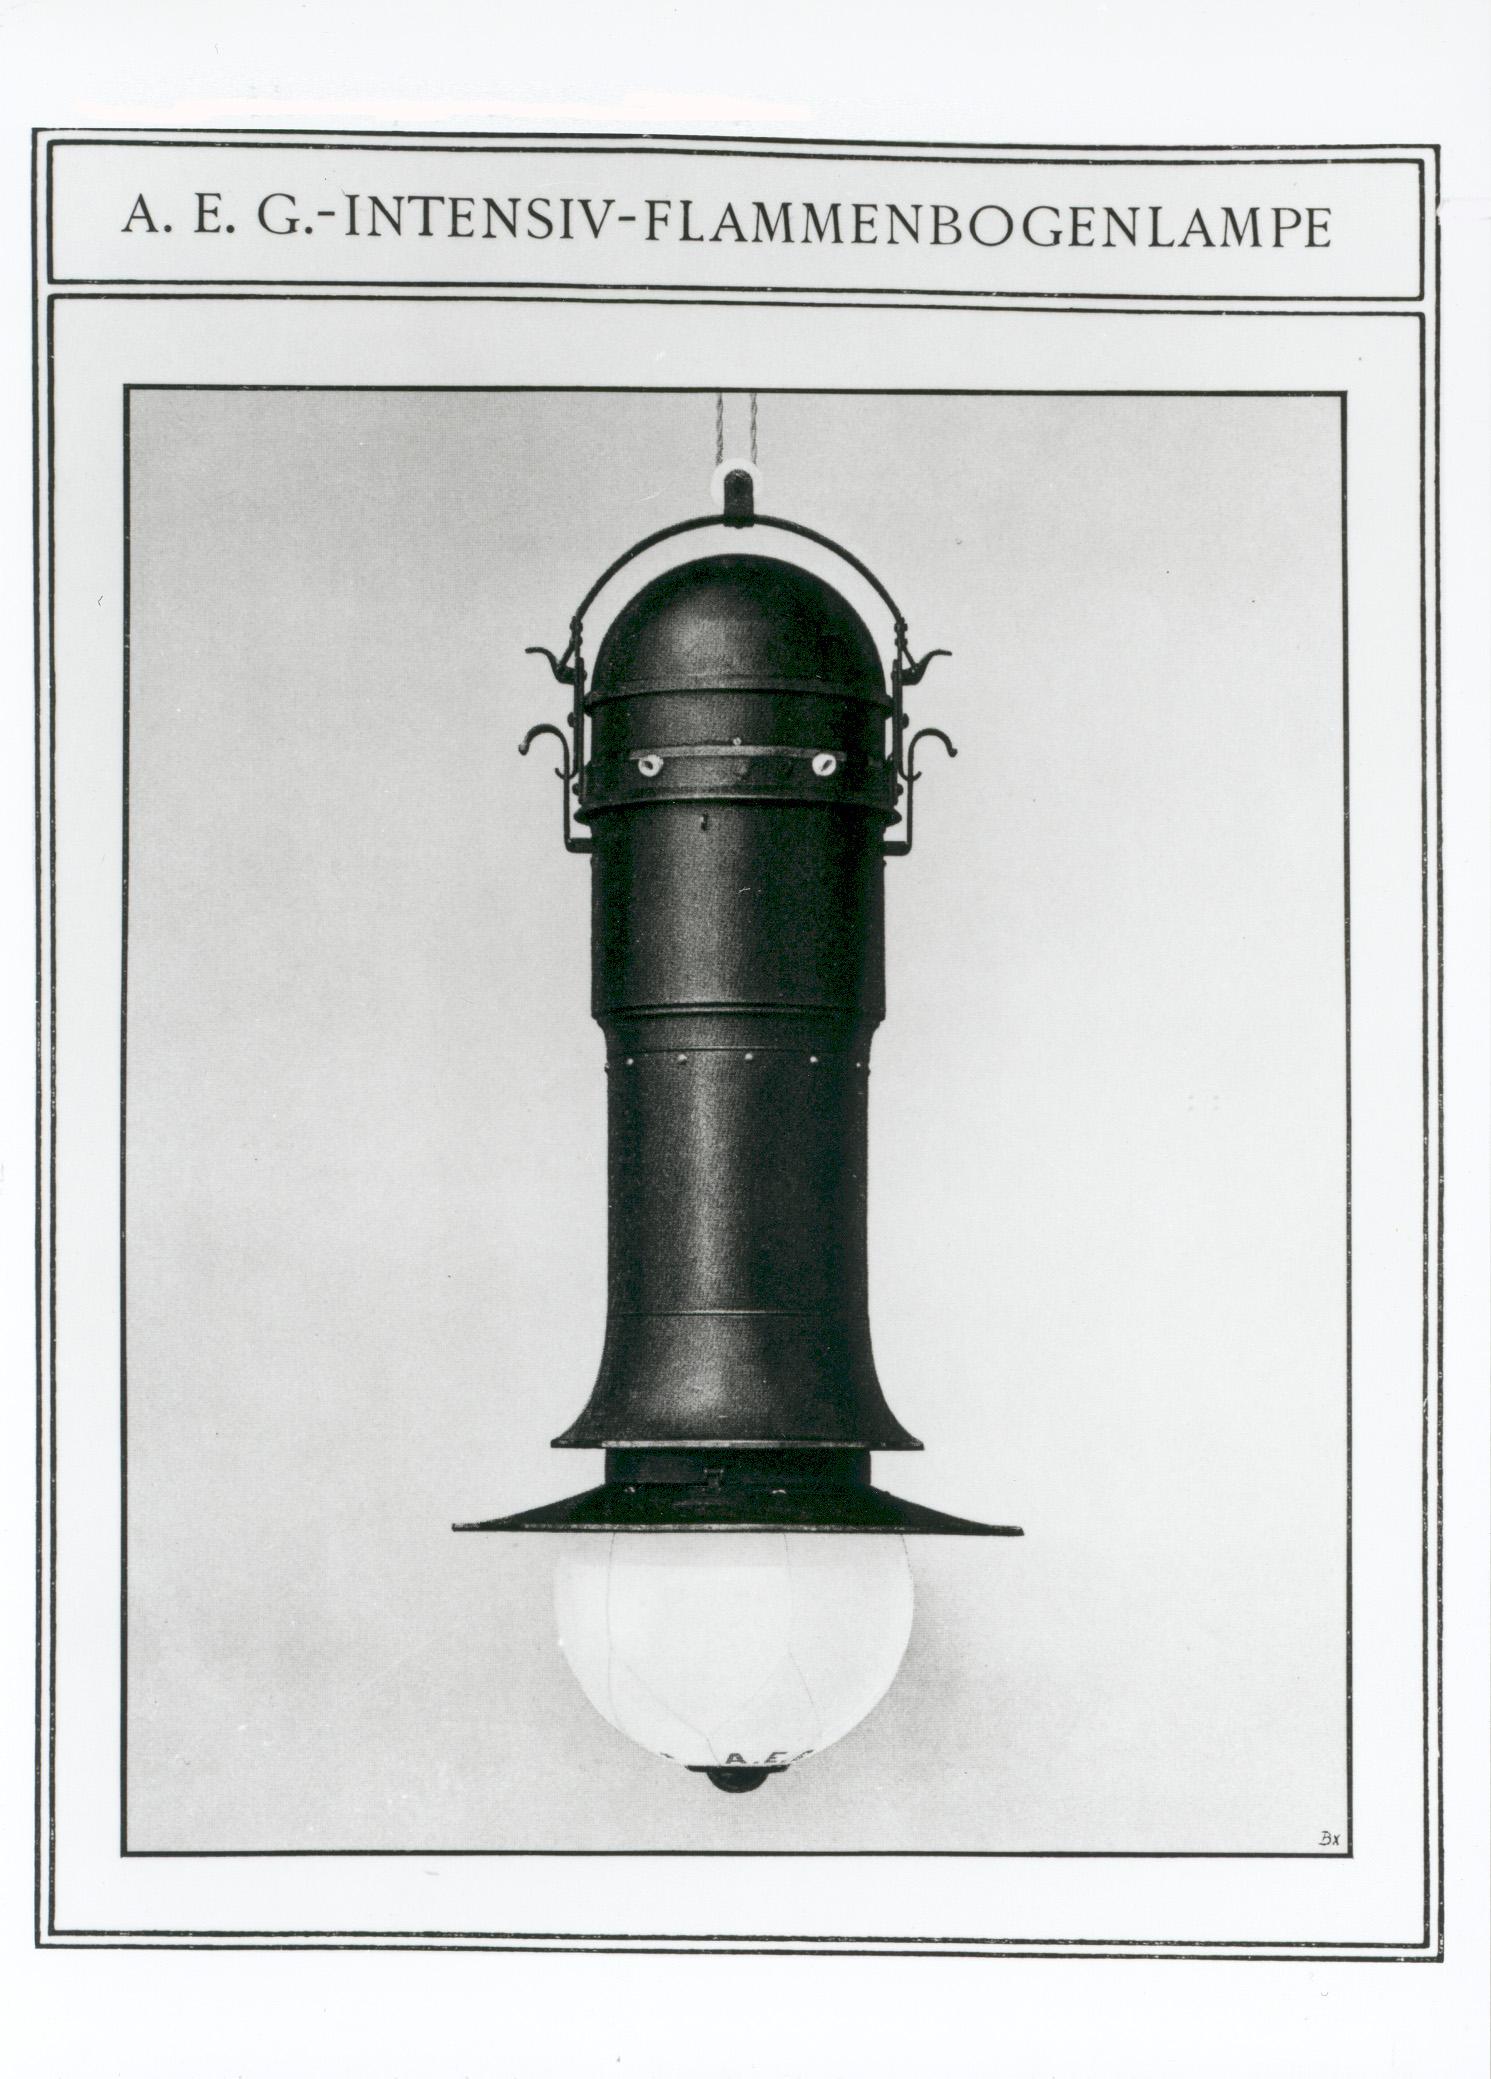 Design Luminy 06_sparbogenlampe_1907_0 Peter Behrens  (1868 - 1940) Histoire du design Références Textes  Turbinenhalle Peter Behrens AEG   Design Marseille Enseignement Luminy Master Licence DNAP+Design DNA+Design DNSEP+Design Beaux-arts